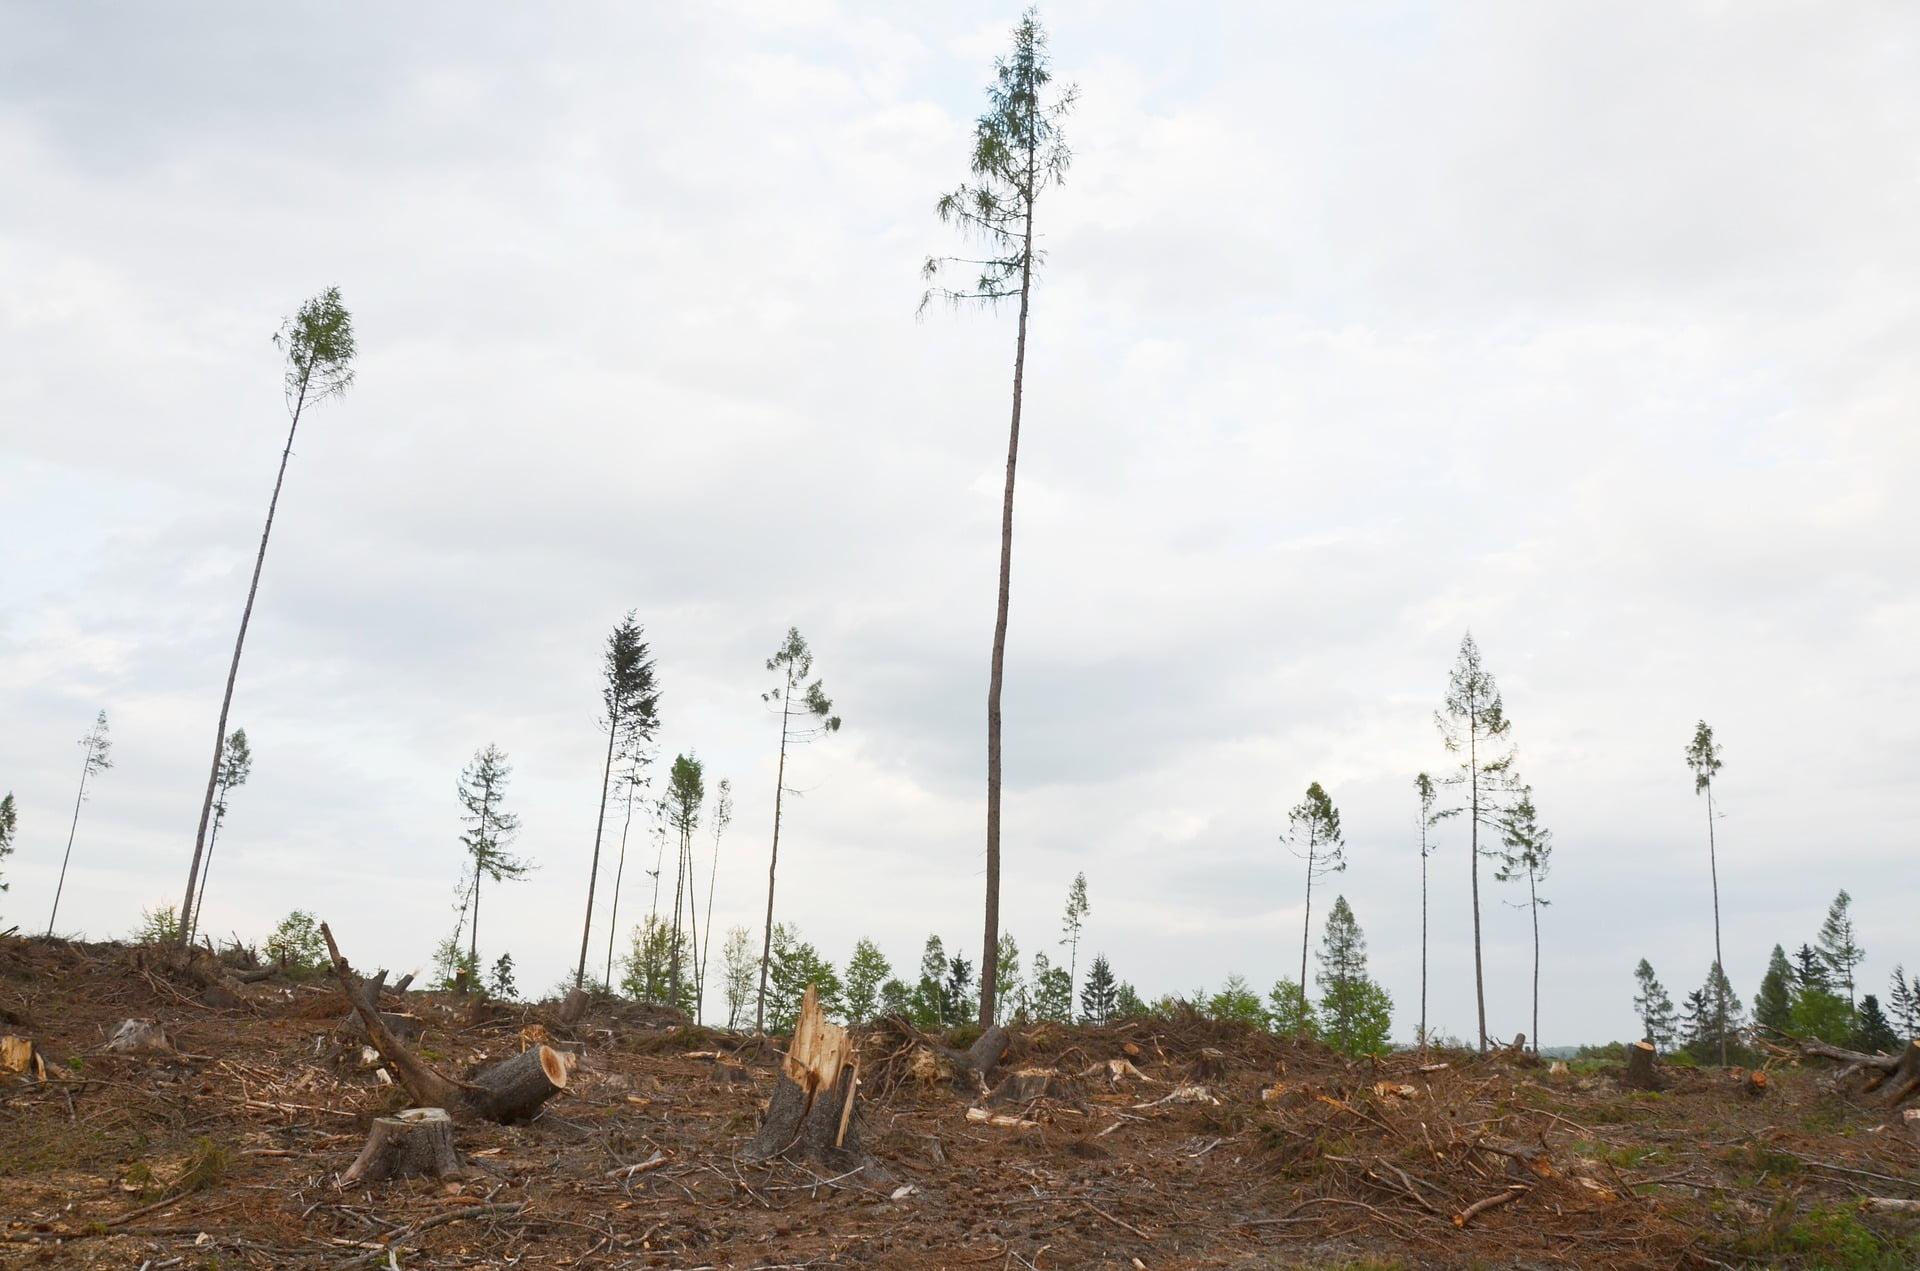 image description. Devastated forests after bark beetle attack